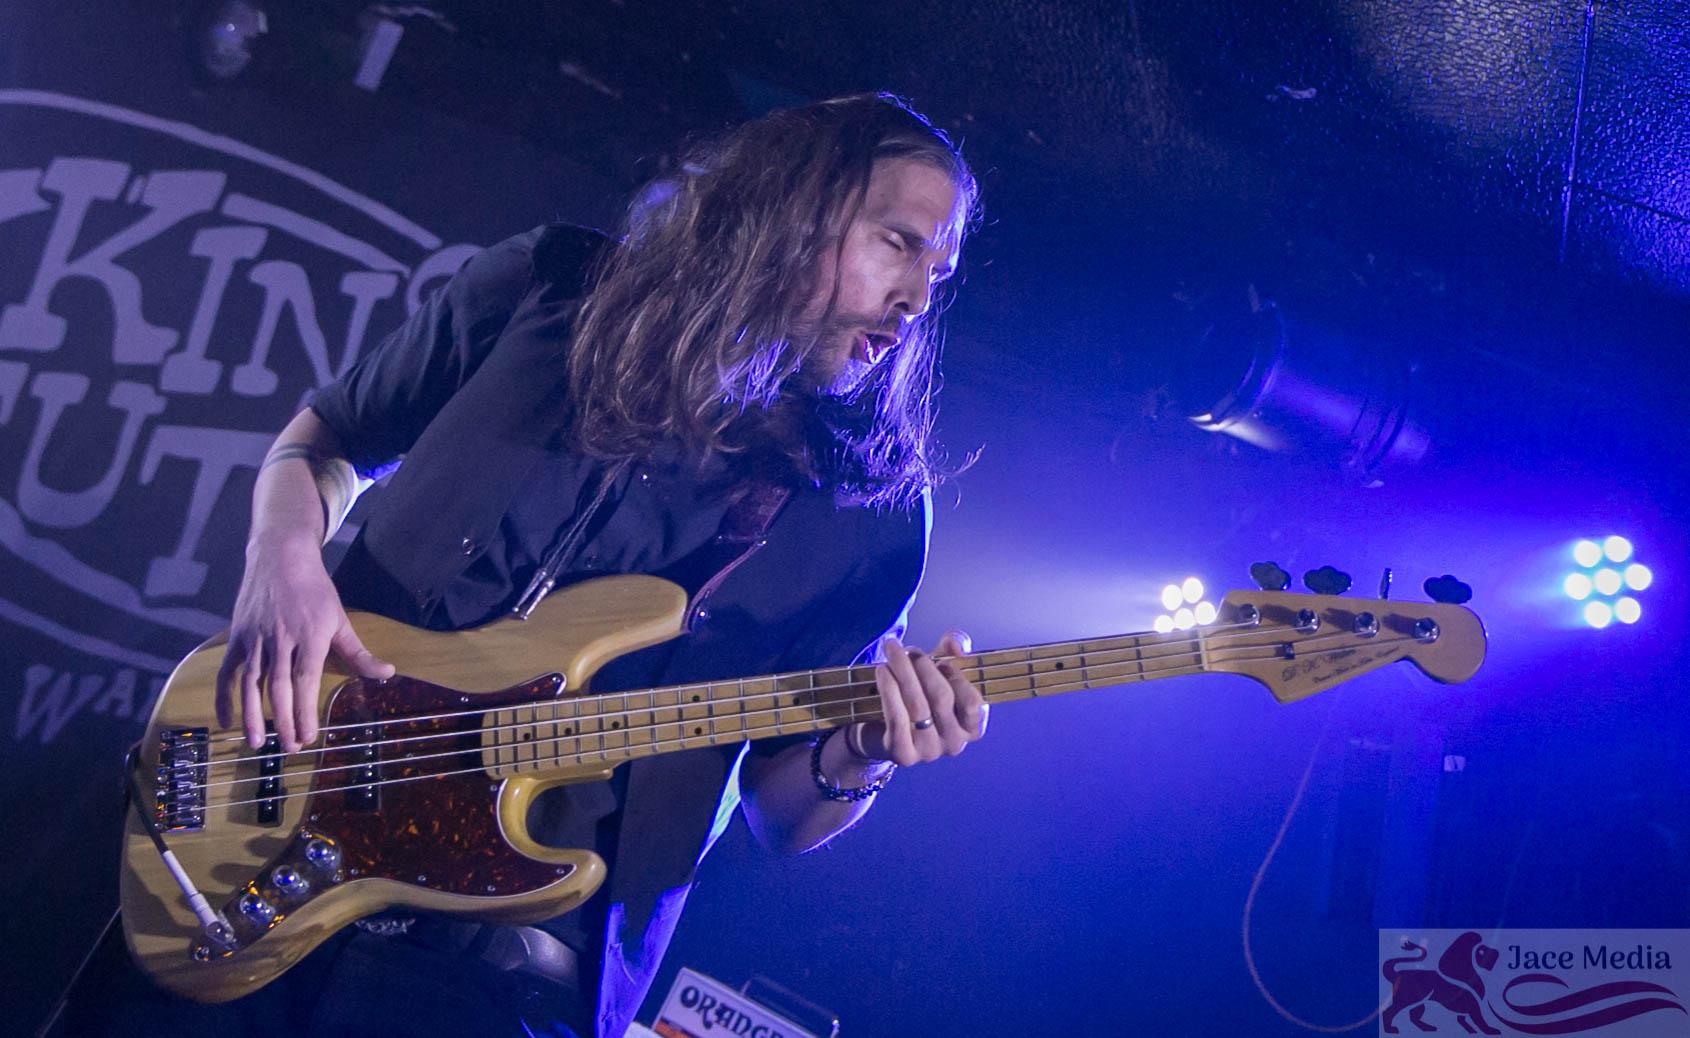 Photo by Ritchie Birnie